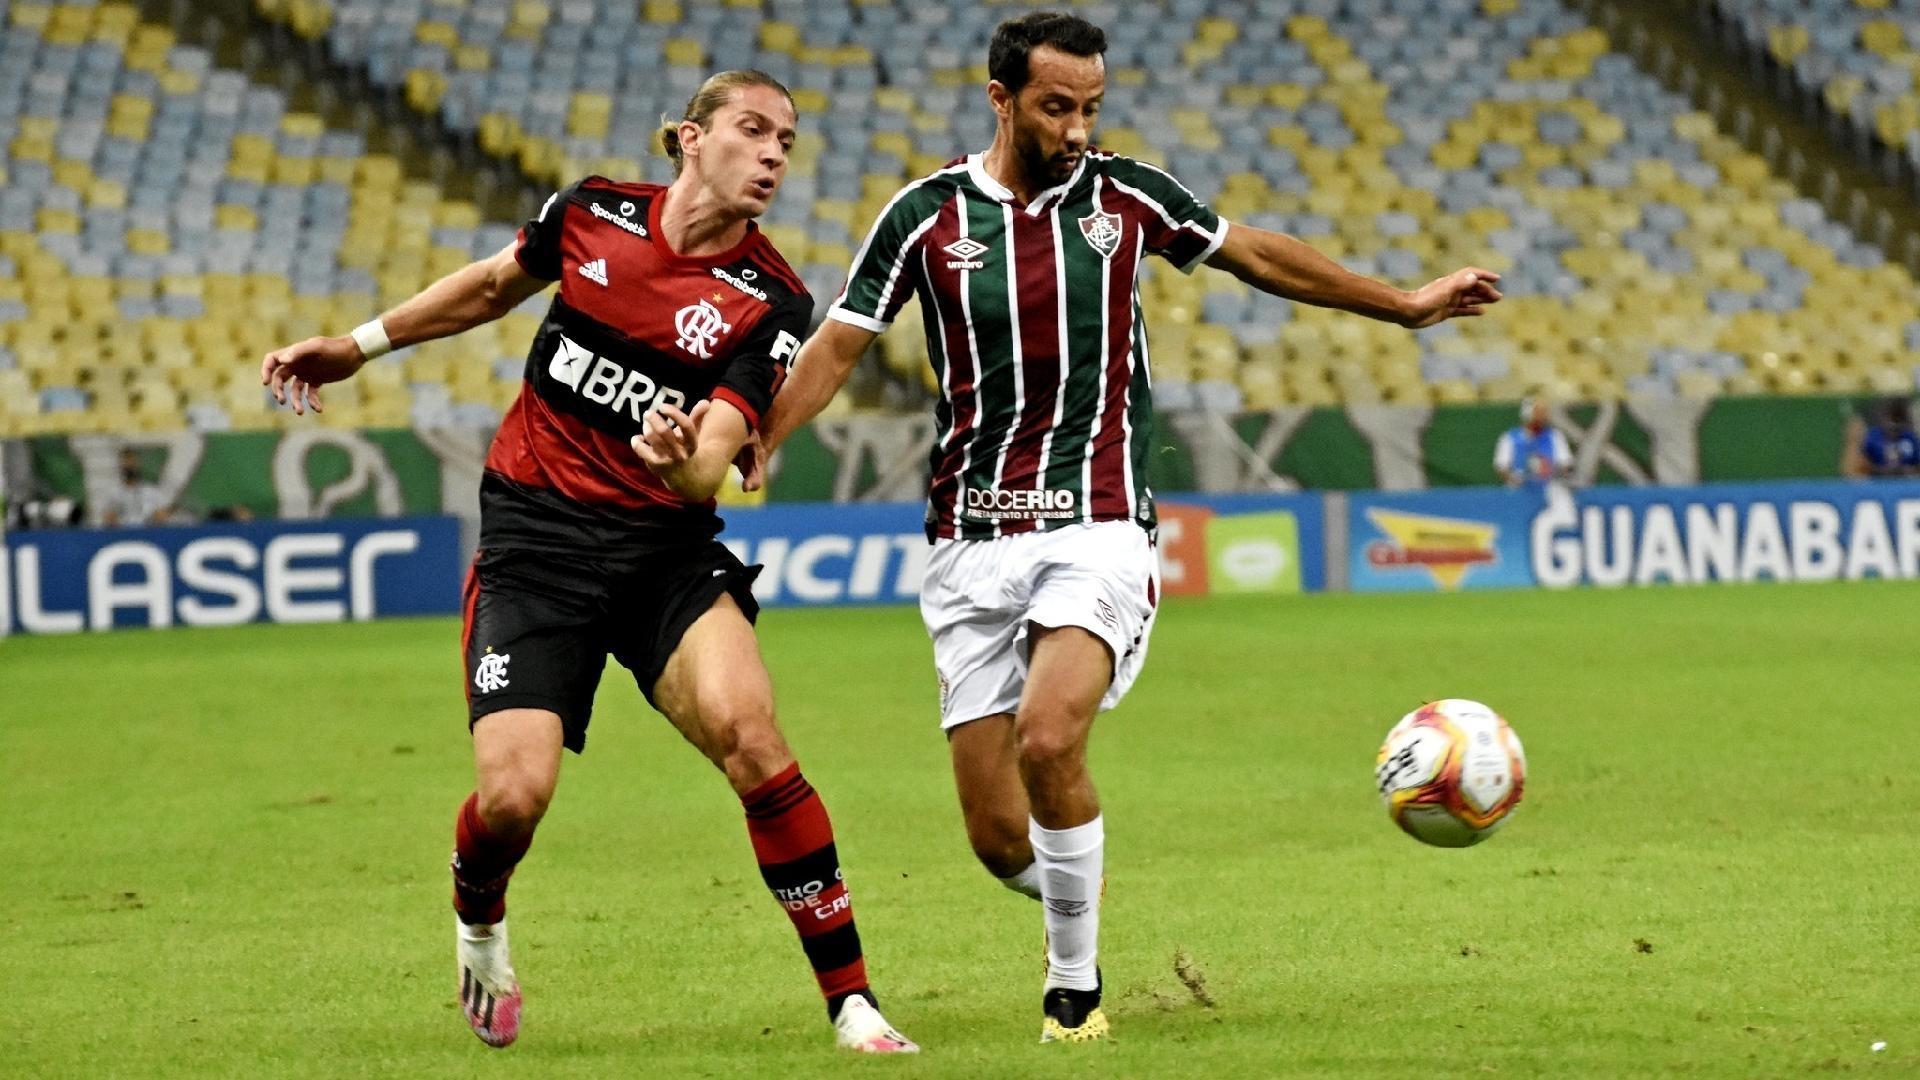 Jogo do Flamengo hoje ao vivo